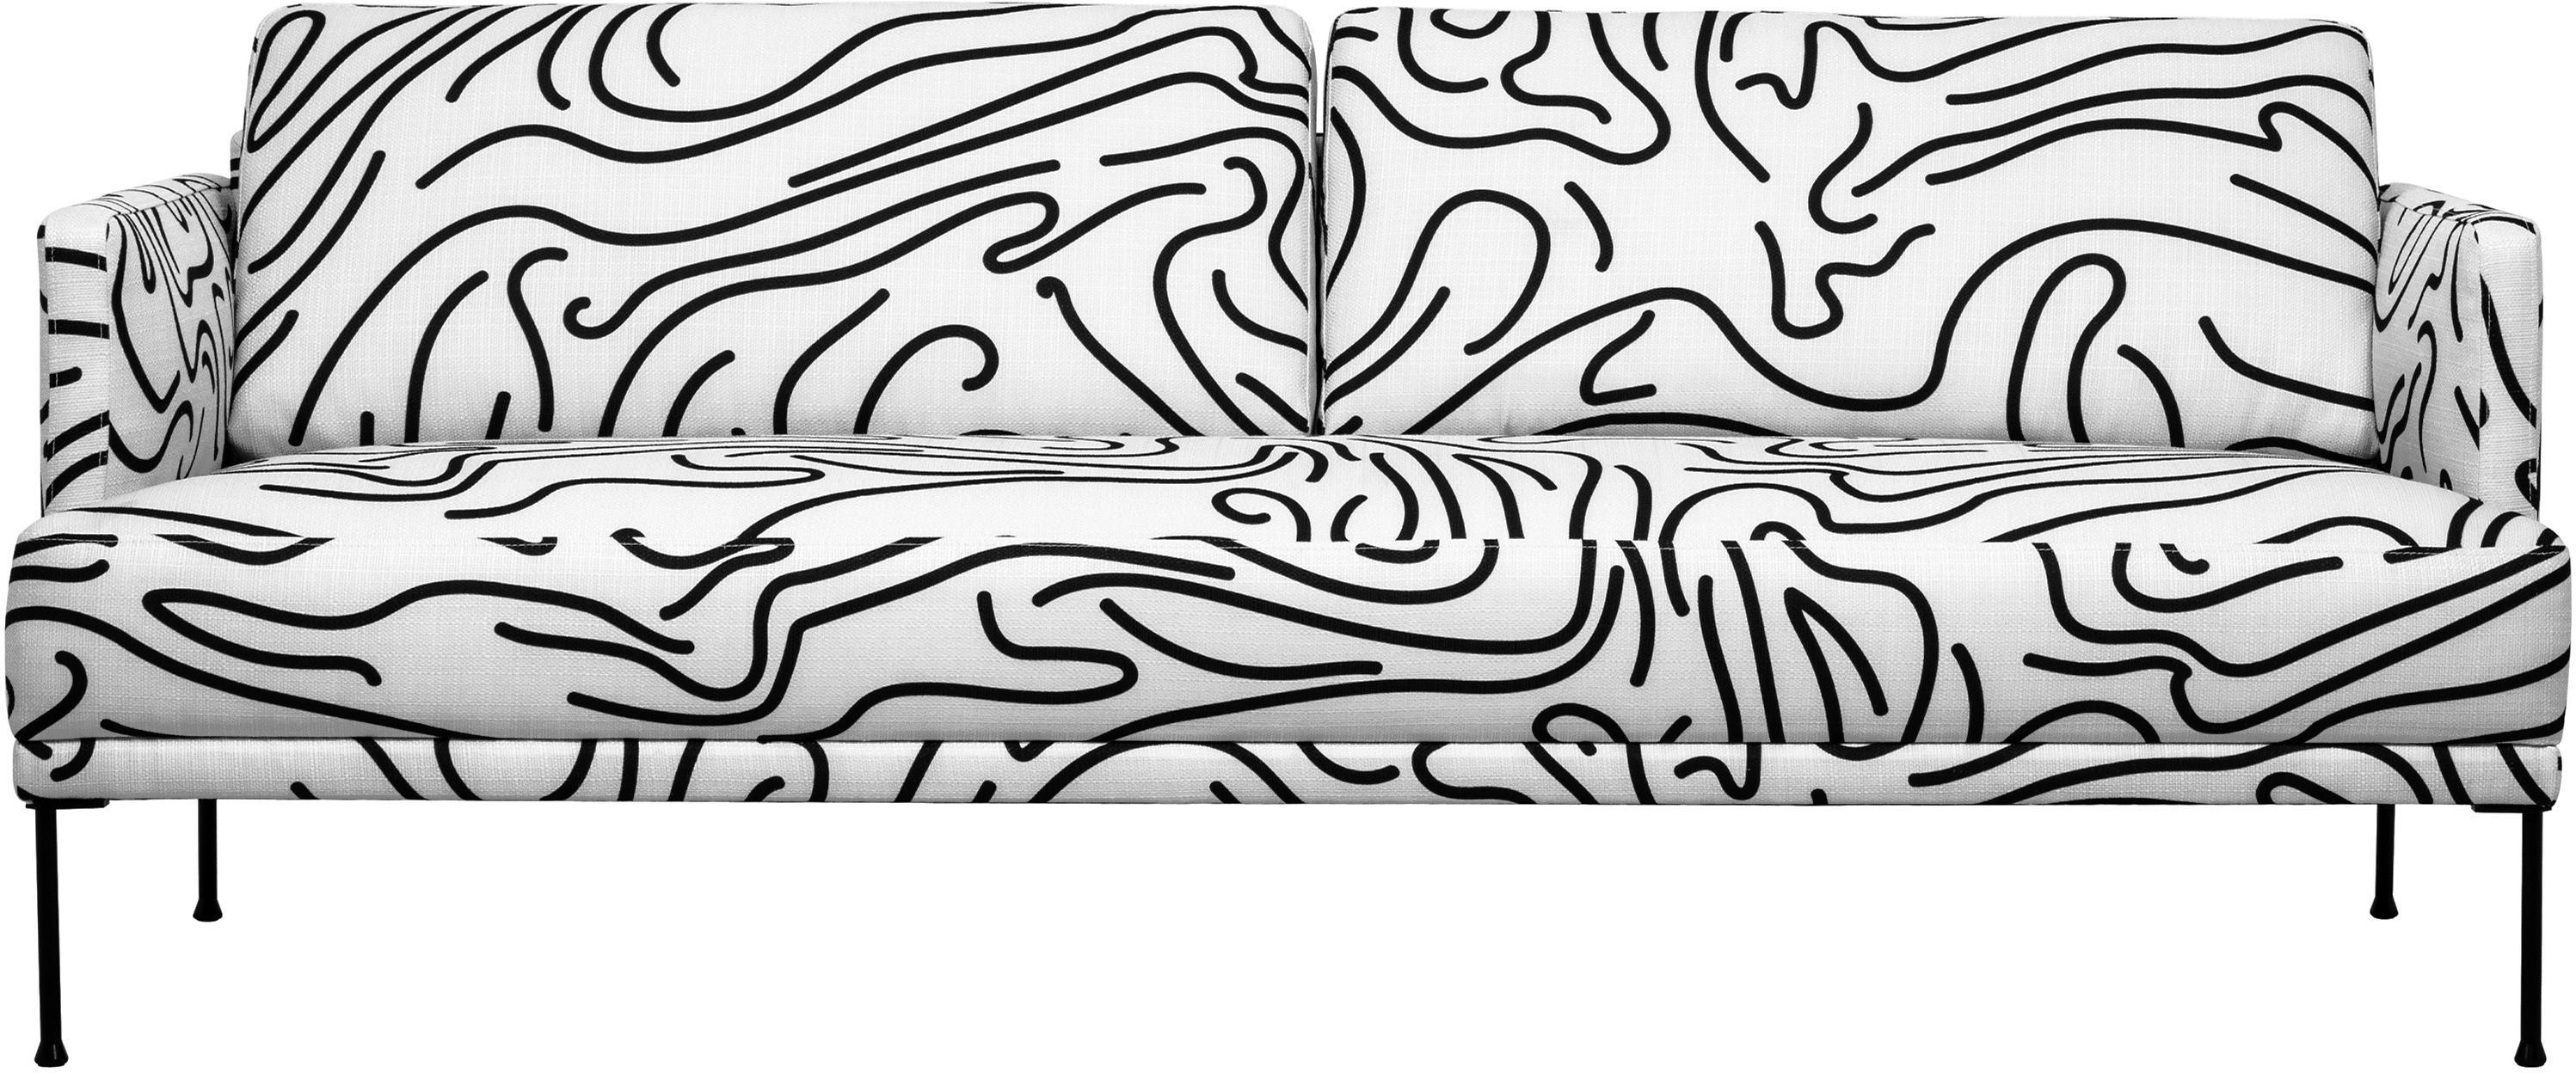 Sofa Fluente (3-Sitzer), Bezug: 100% Polyester Der hochwe, Gestell: Massives Kiefernholz, Füße: Metall, pulverbeschichtet, Webstoff Weiß, B 196 x T 85 cm